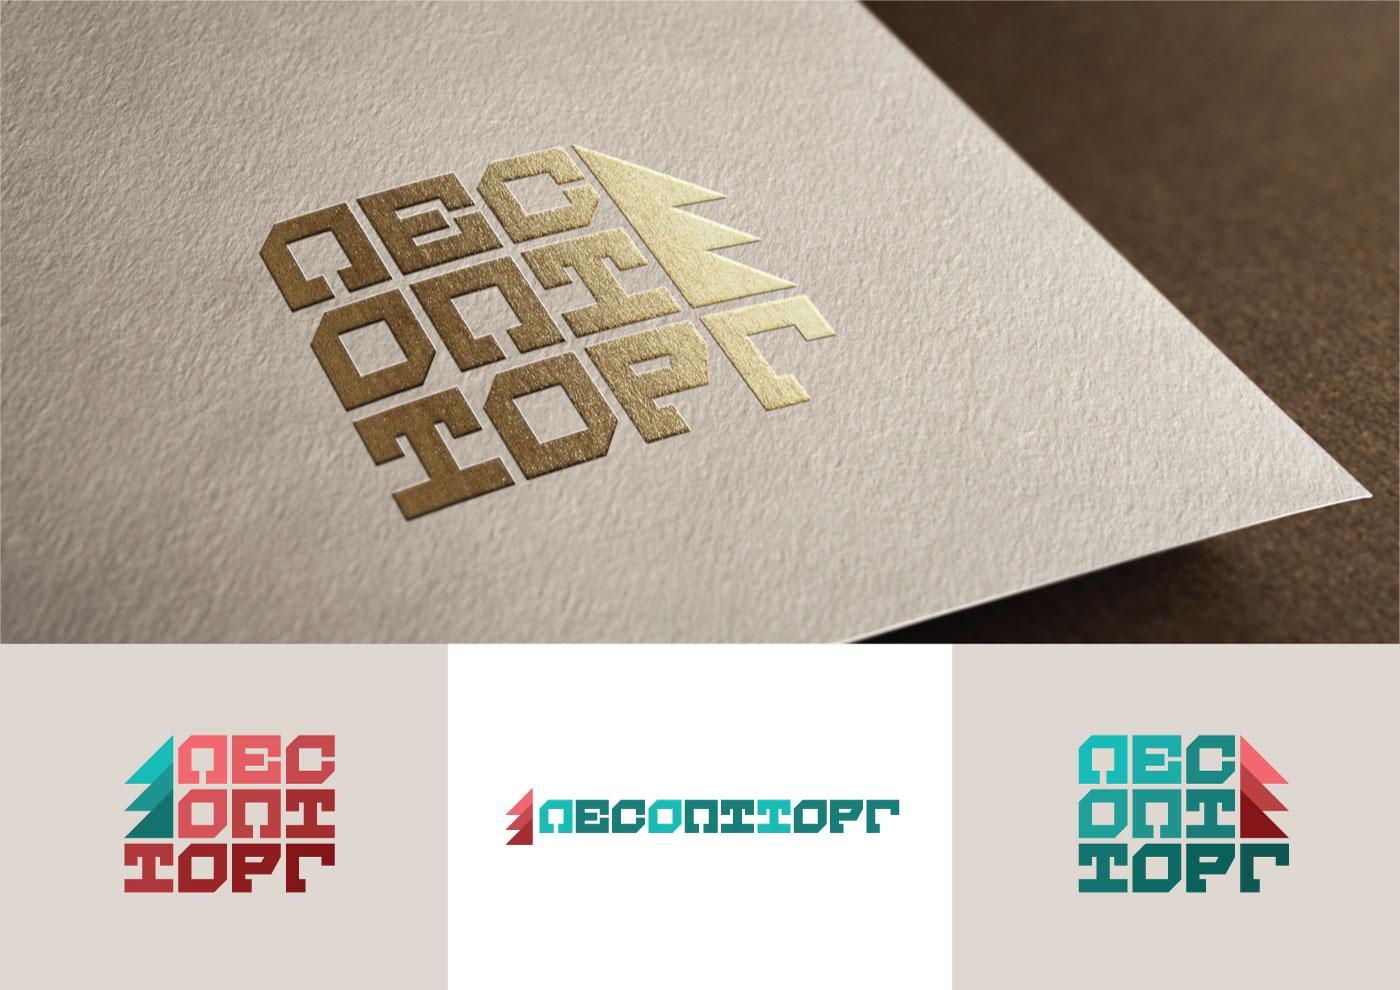 Dezvoltare LesOptTorg logo